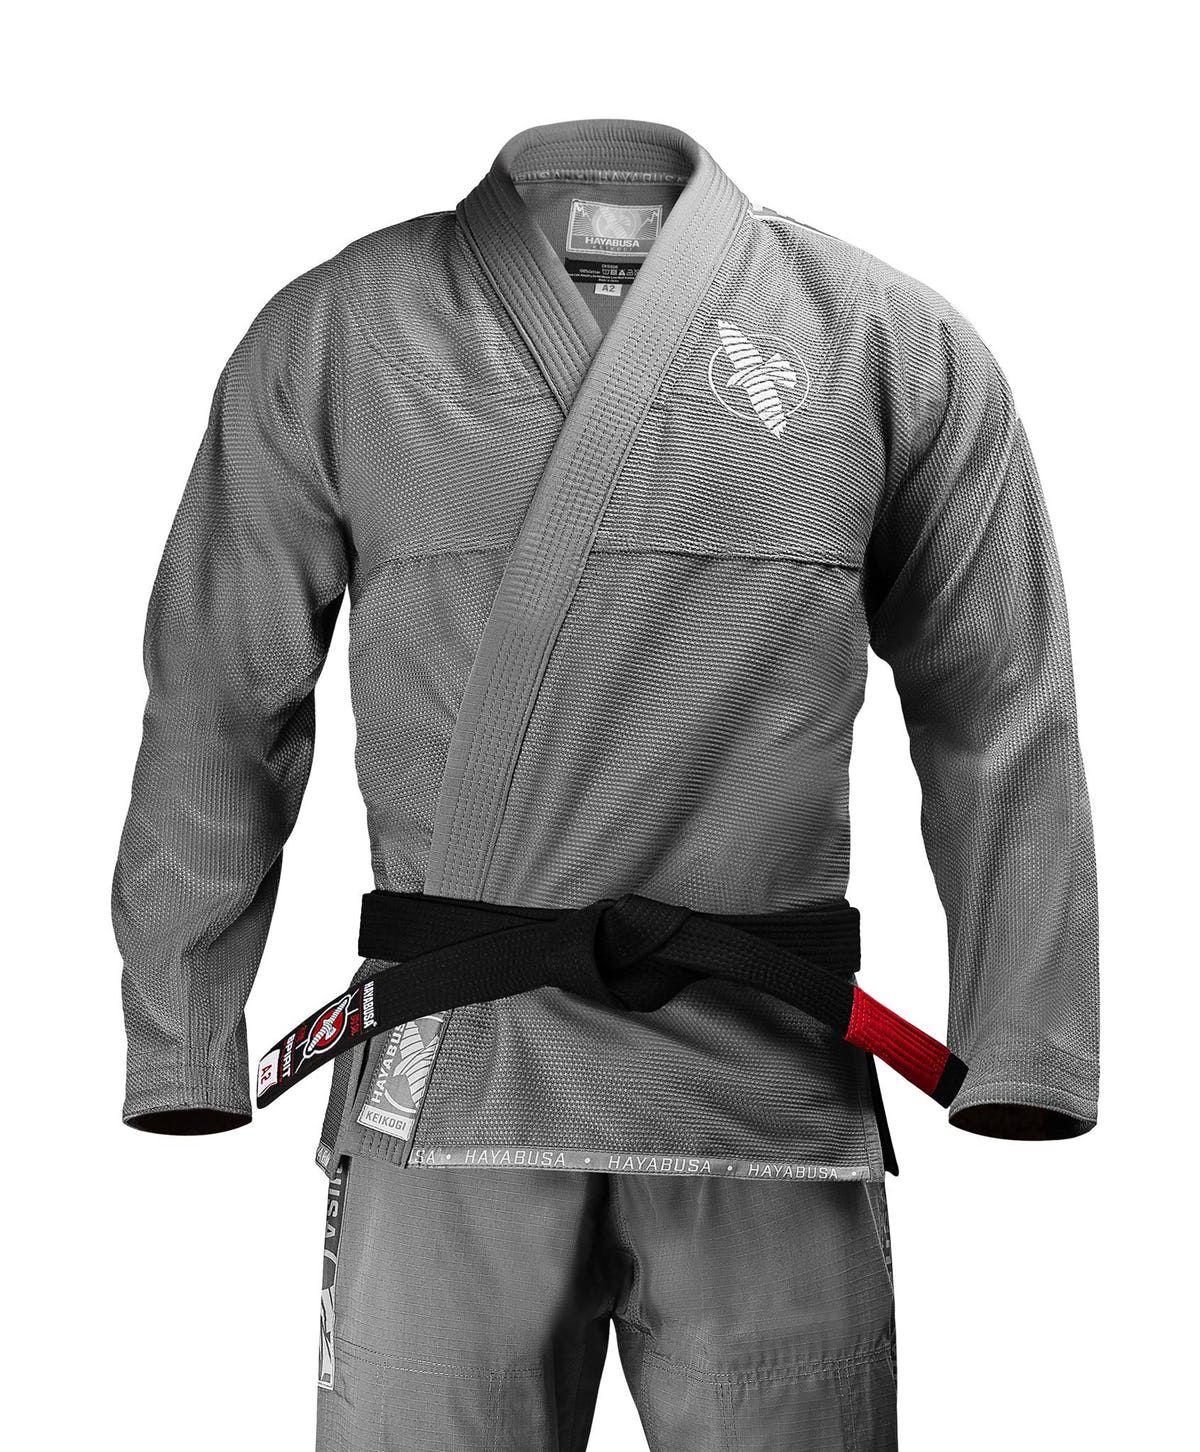 Hayabusa Lightweight Jiu Jitsu Gi